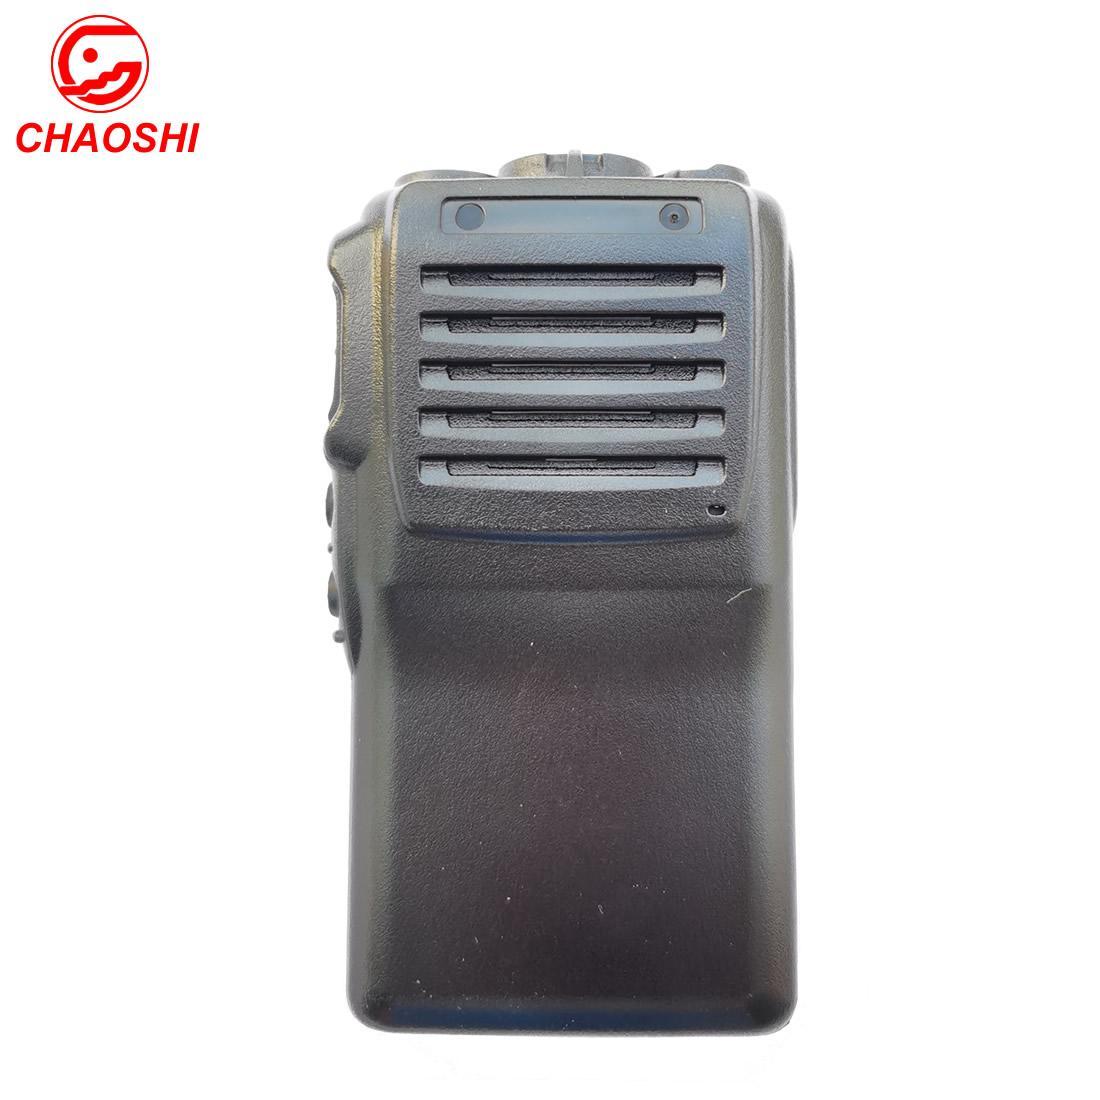 面殼 VX231, CP9350001 5